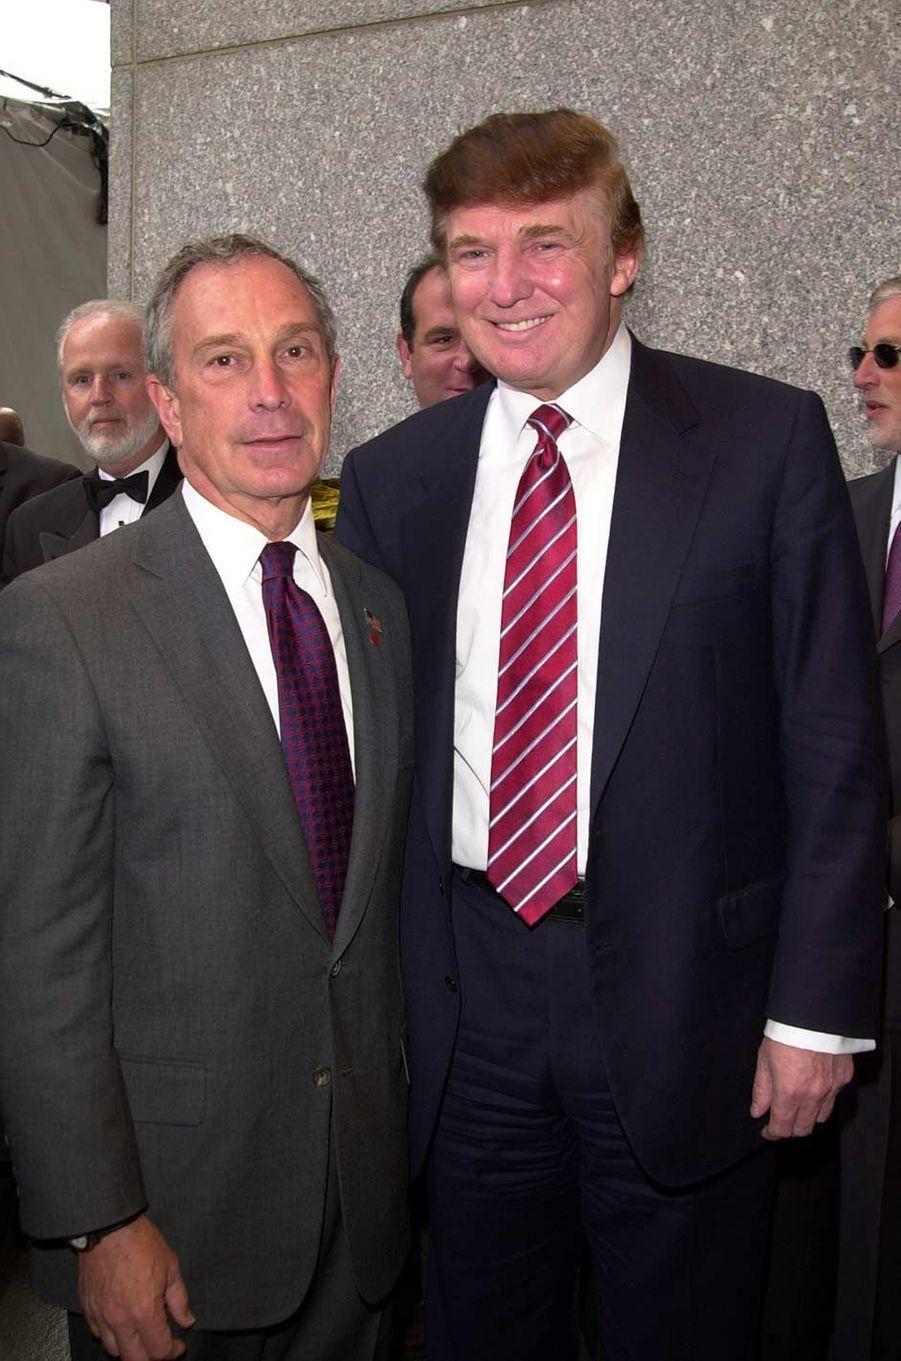 Michael Bloomberg et Donald Trump lors d'un gala en faveur des vétérans du Vietnam à New York, en mai 2003.